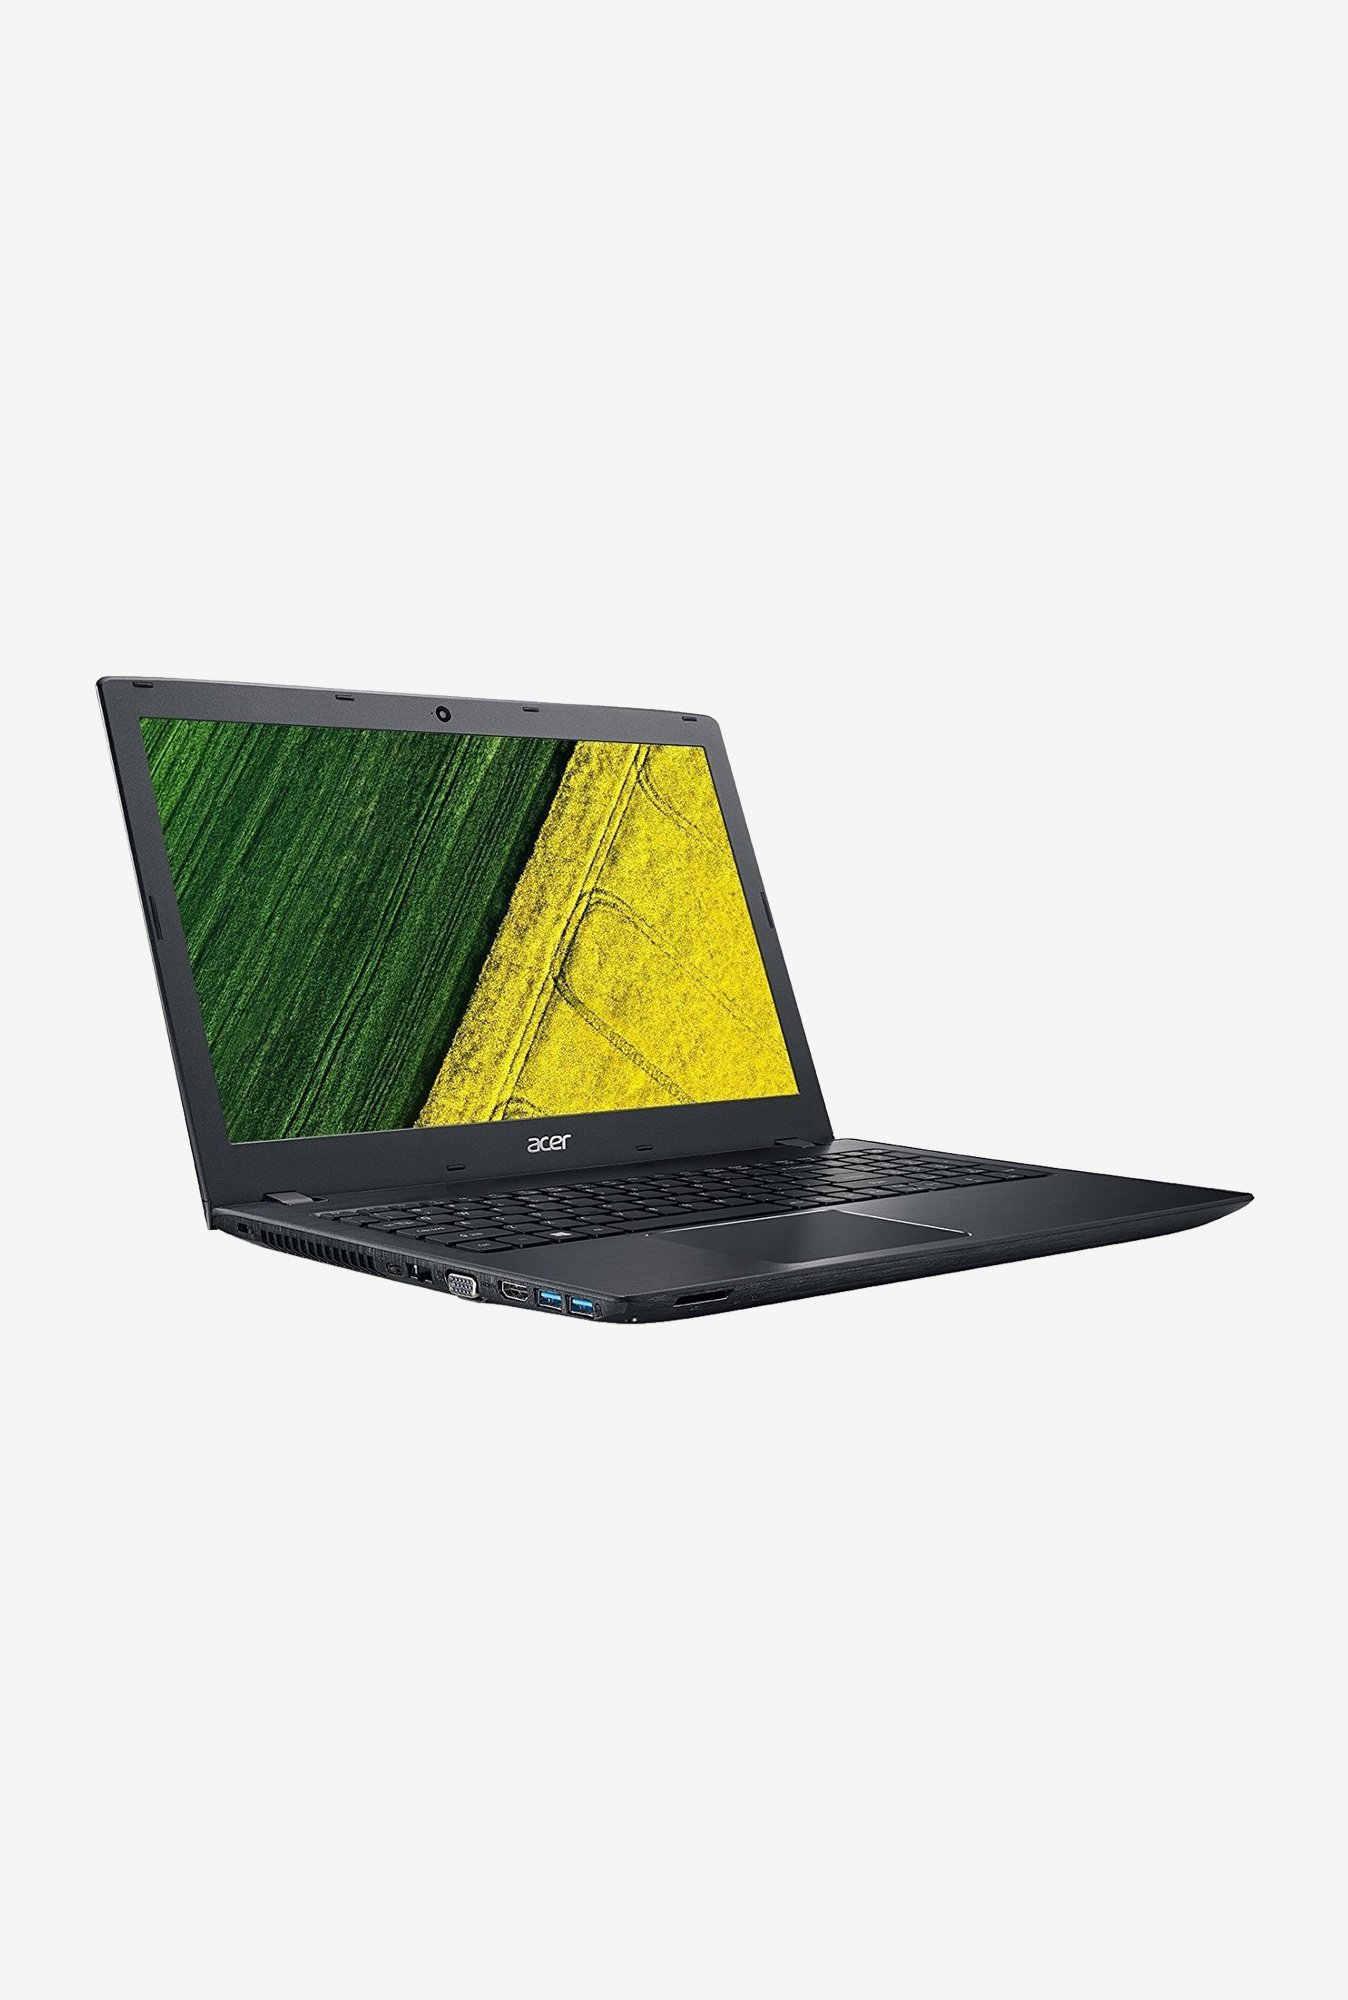 Acer Aspire ES1-523 (NX.GKYSI.002) AMD APU Quad Core 4 GB 1 TB Linux or Ubuntu 15 Inch - 15.9 Inch Laptop